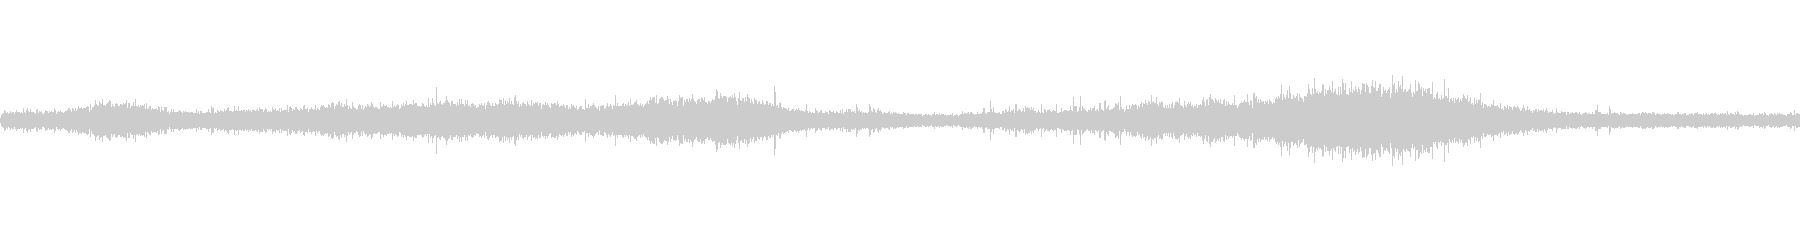 波音 ループ仕様の未再生の波形